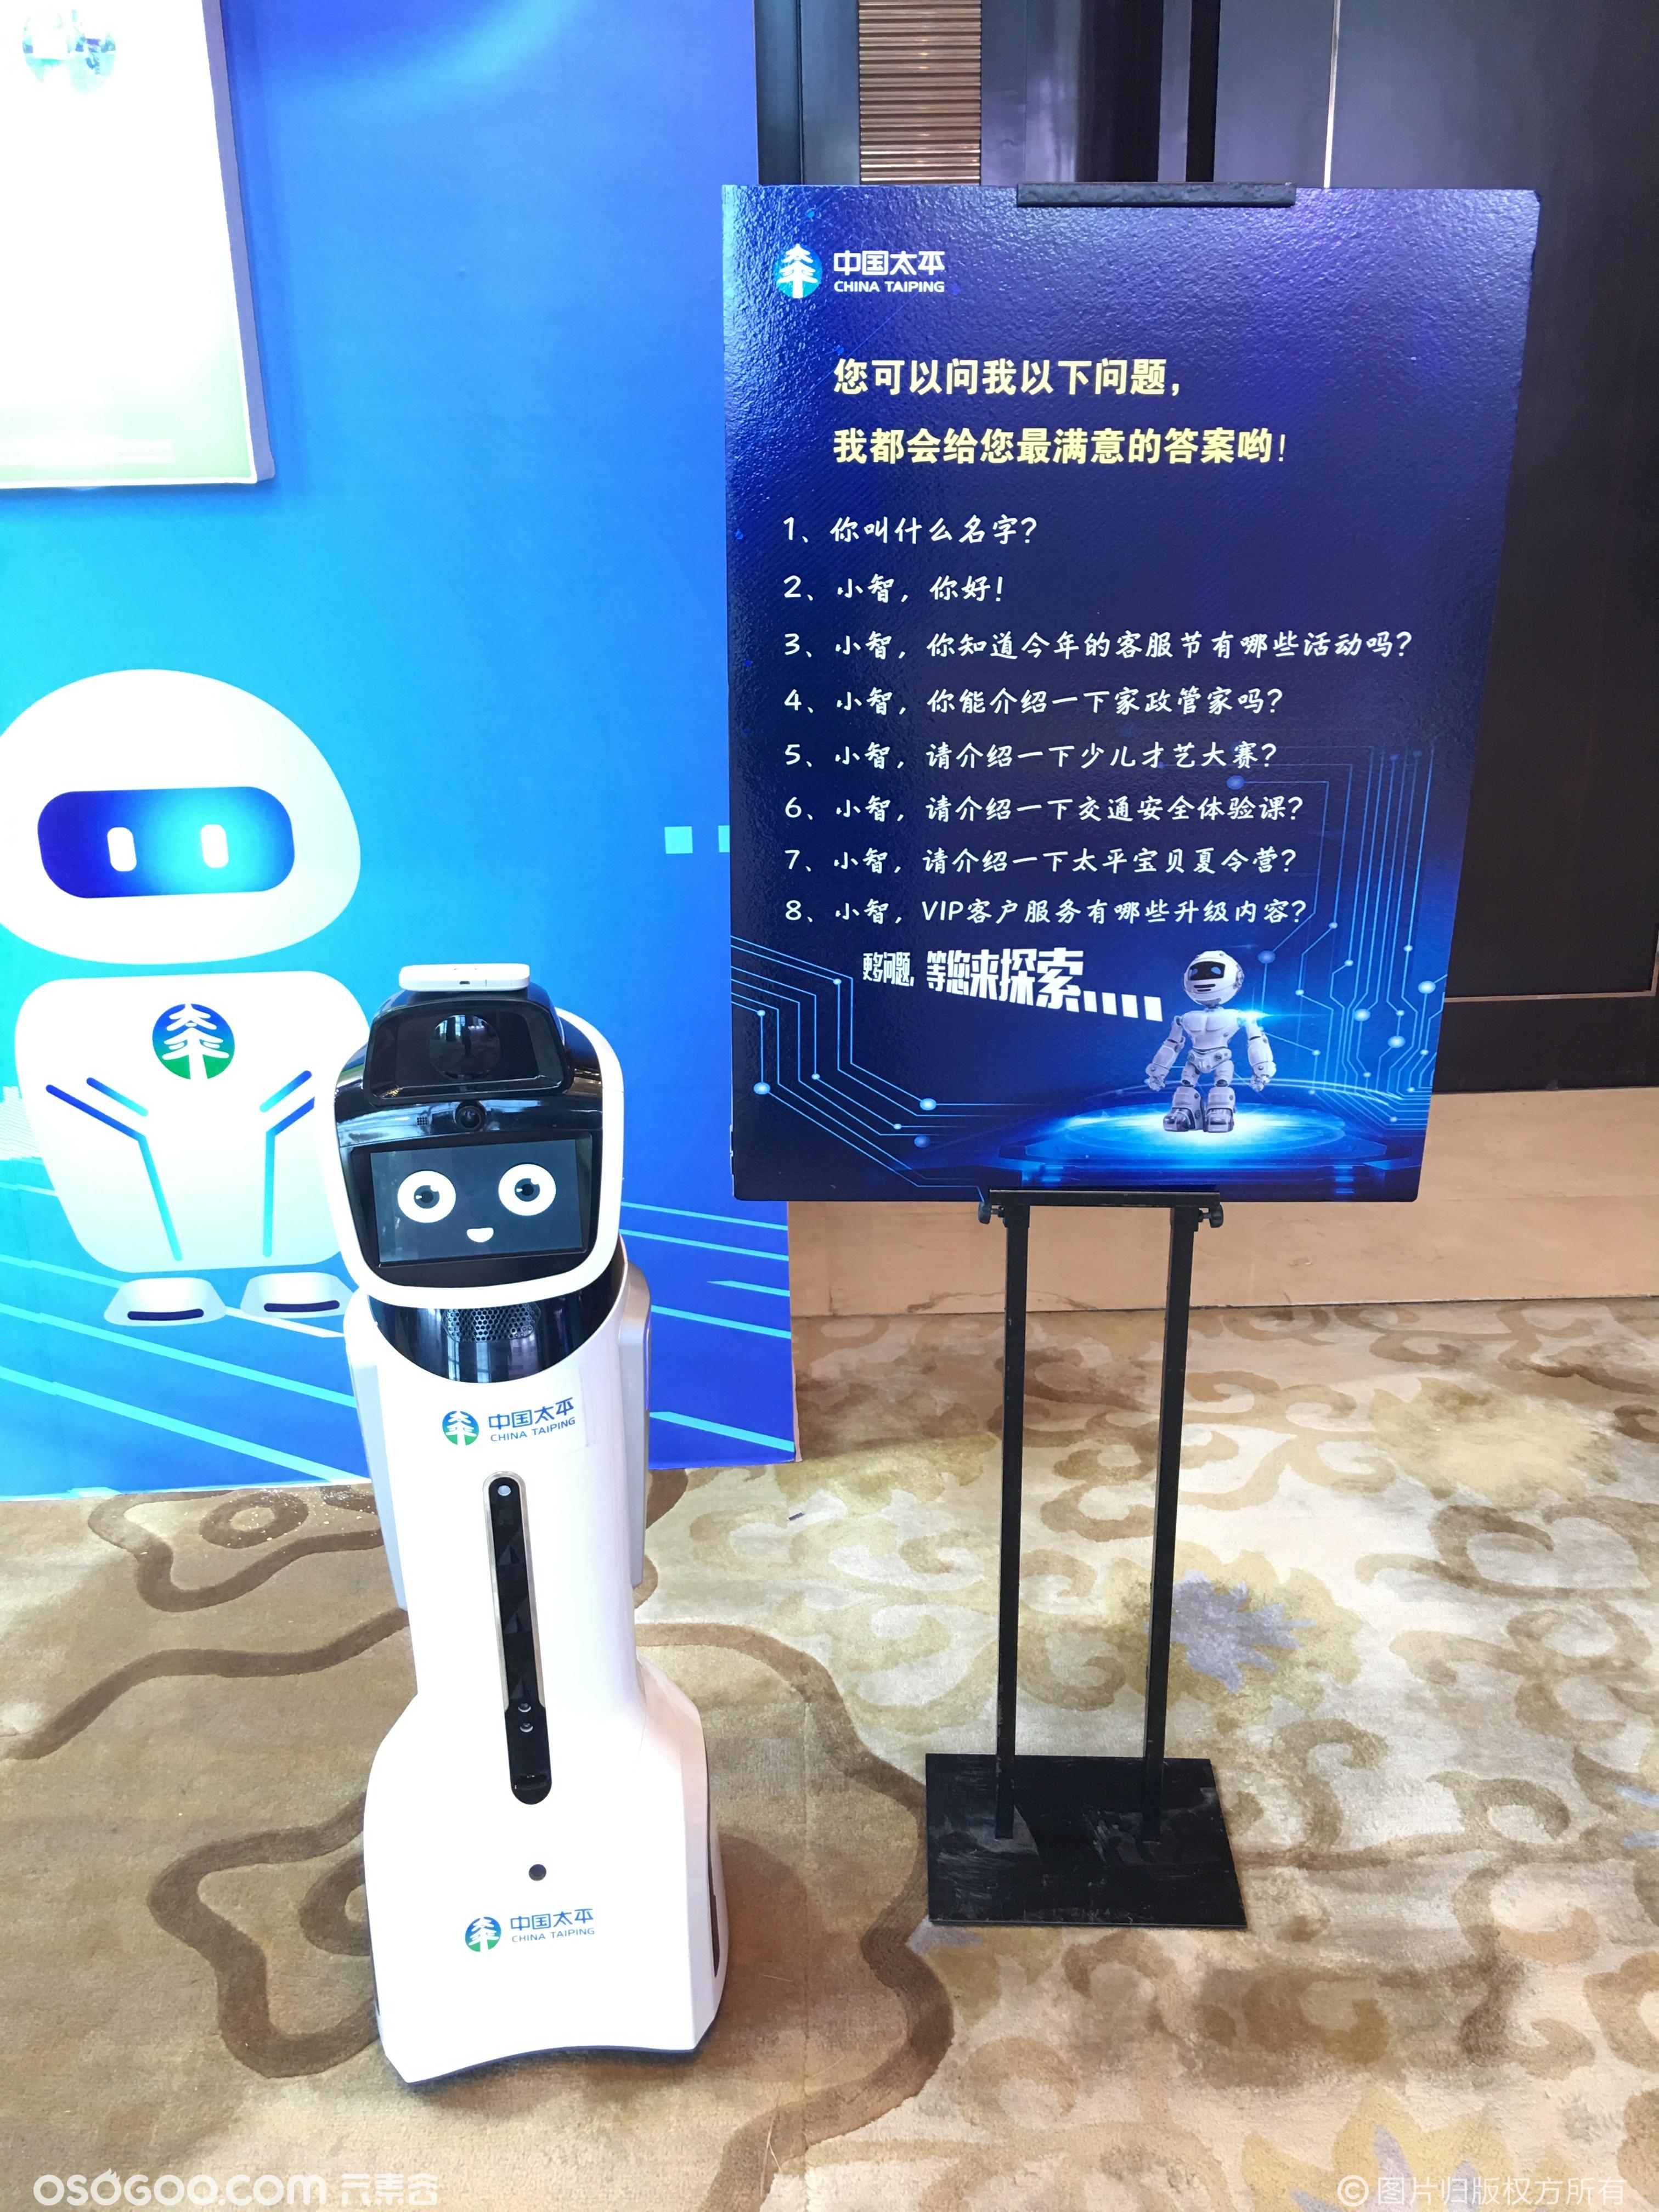 杭州灵动如仙科技有限公司 机器人租赁商演